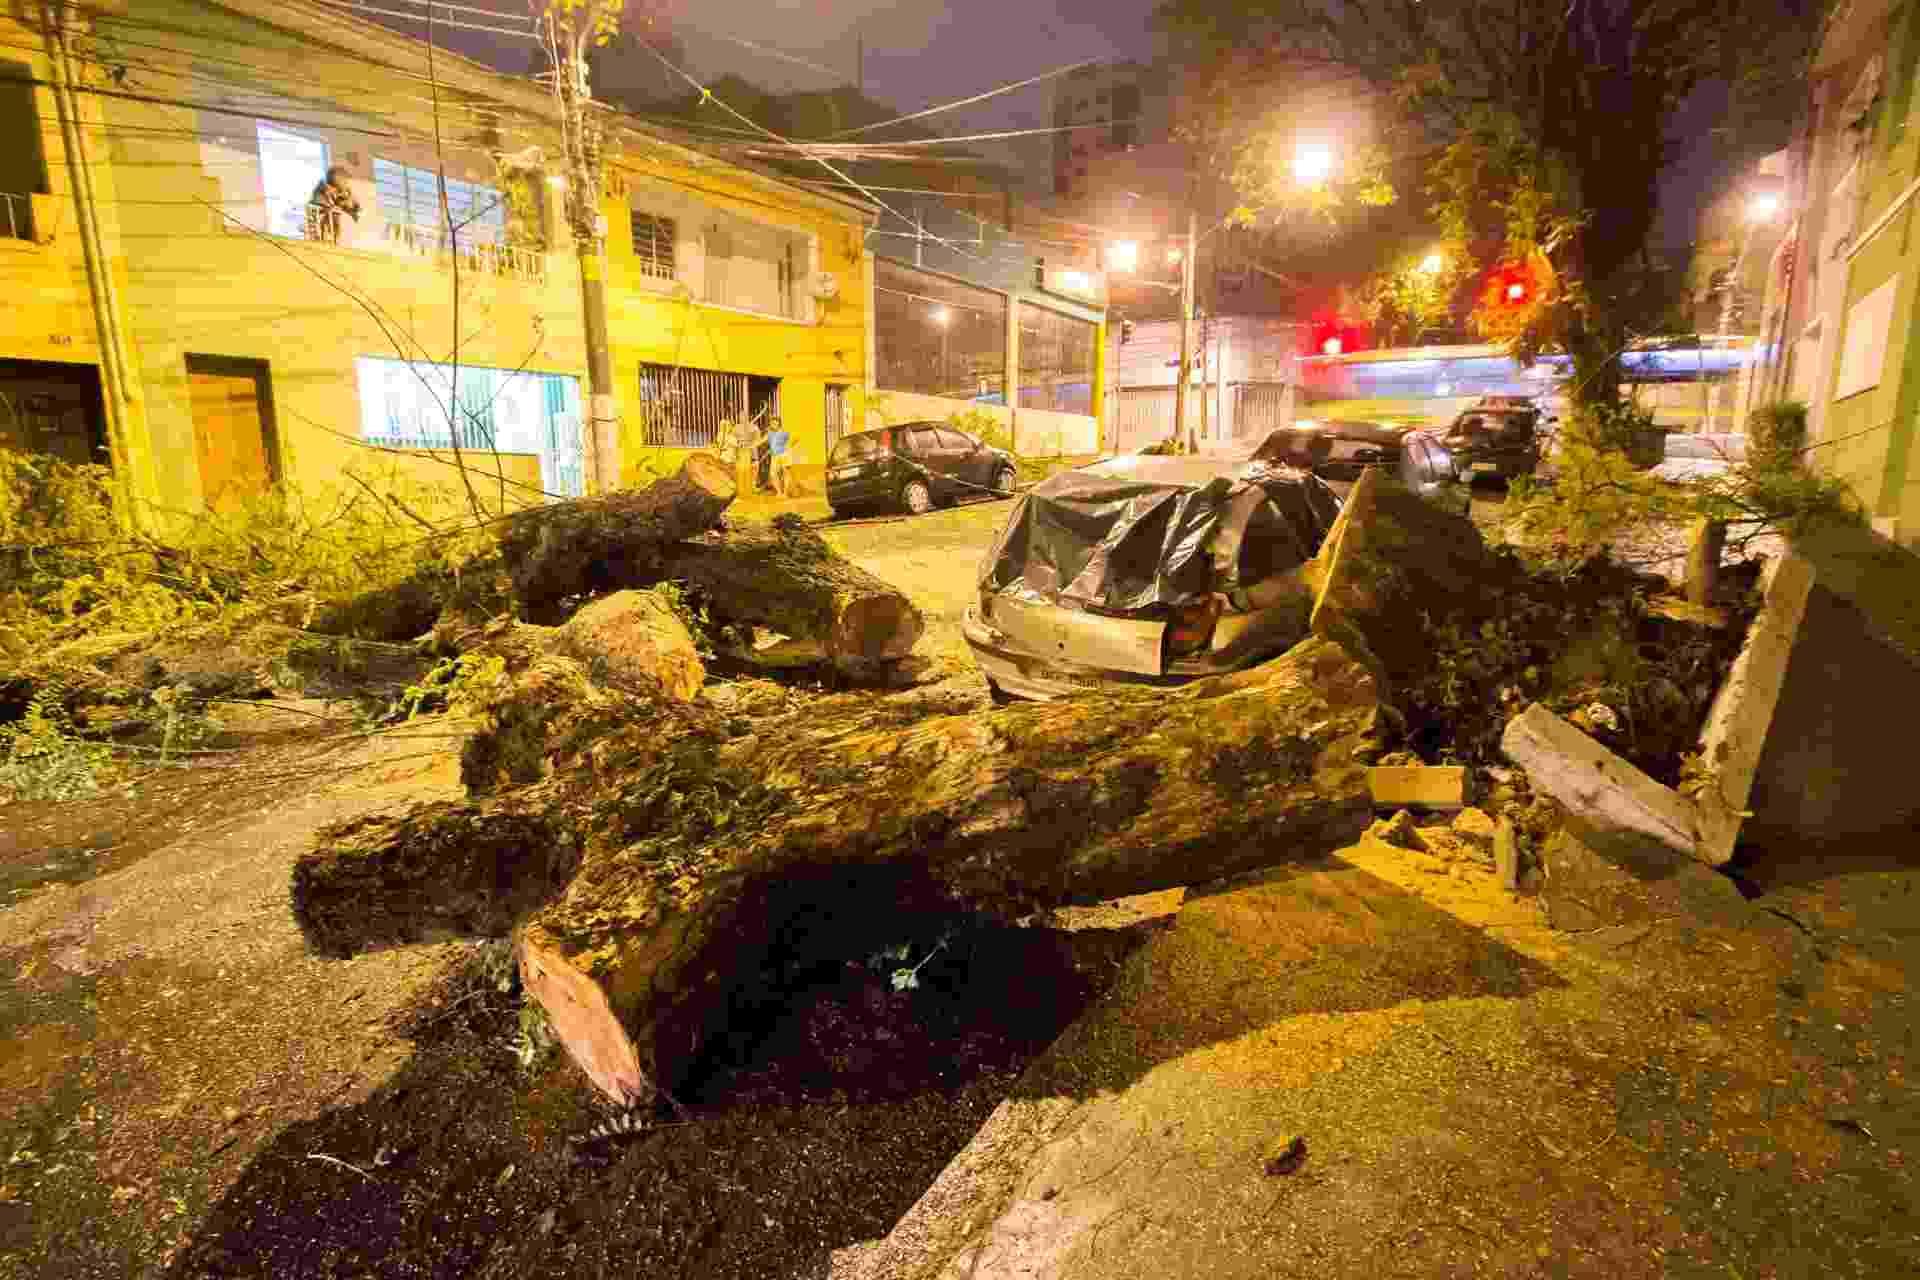 28.set.2015 - Carros ficam danificados após serem atingidos por uma grande árvore nesta madrugada na rua Vespasiano, na Vila Romana, zona oeste de São Paulo - Nivaldo Lima/Futura Press/Estadão Conteúdo